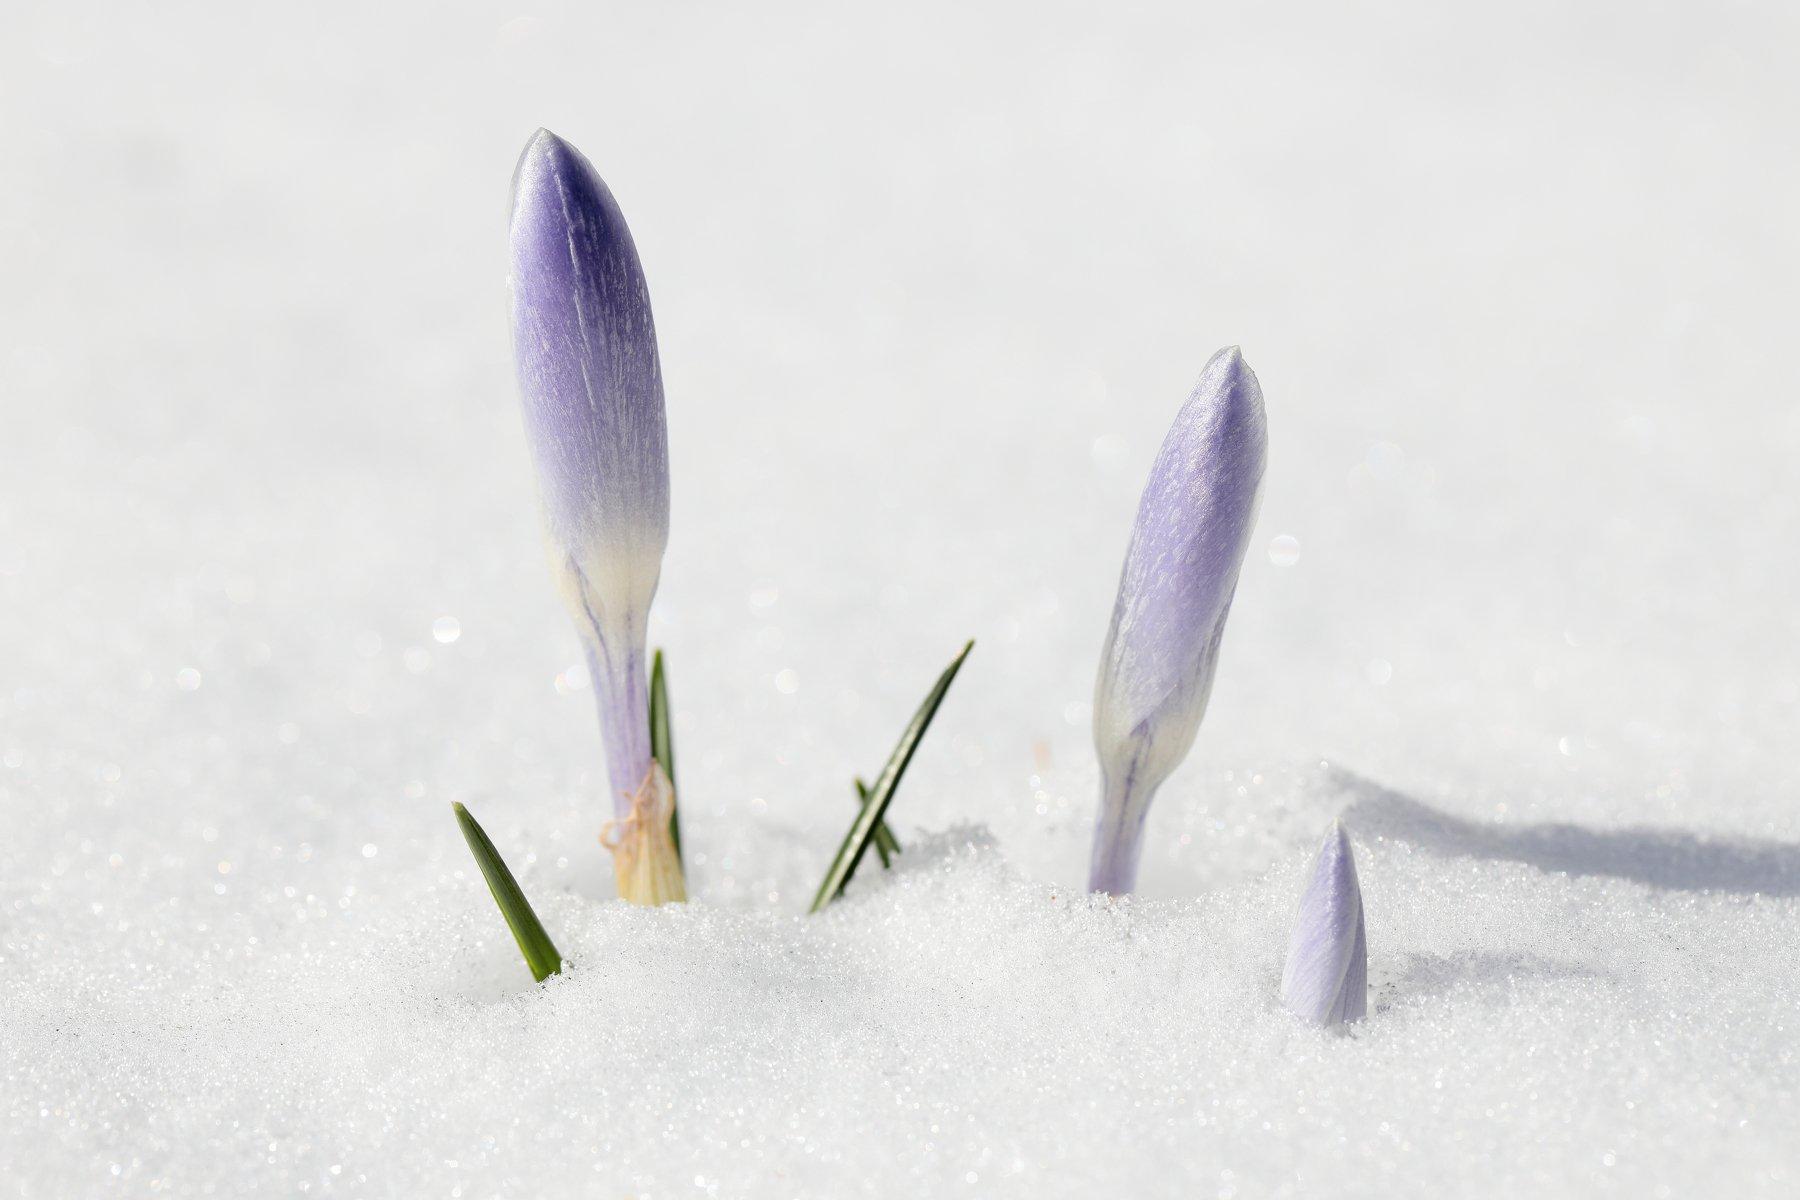 крокус, снег, весна, природа, цветы, Попов Алексей